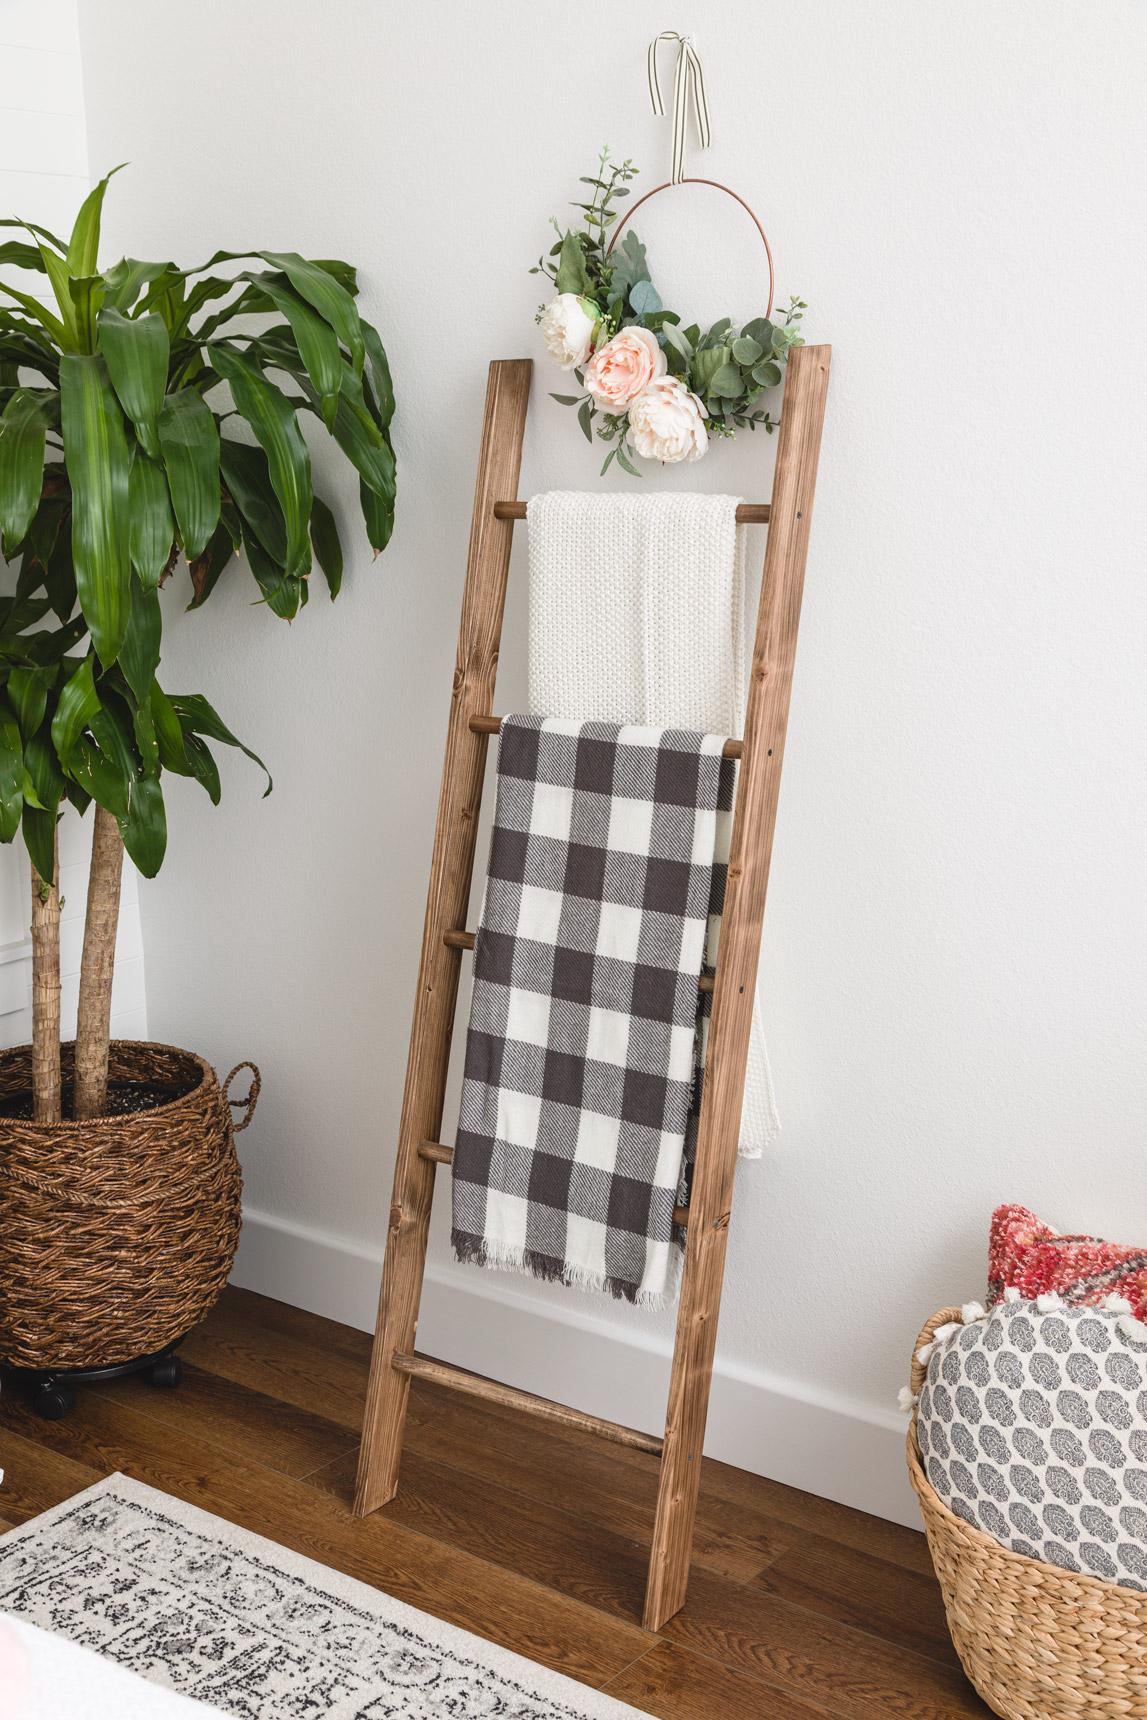 Diy Blanket Ladder How To Build A Wooden Blanket Ladder Quilt Ladder